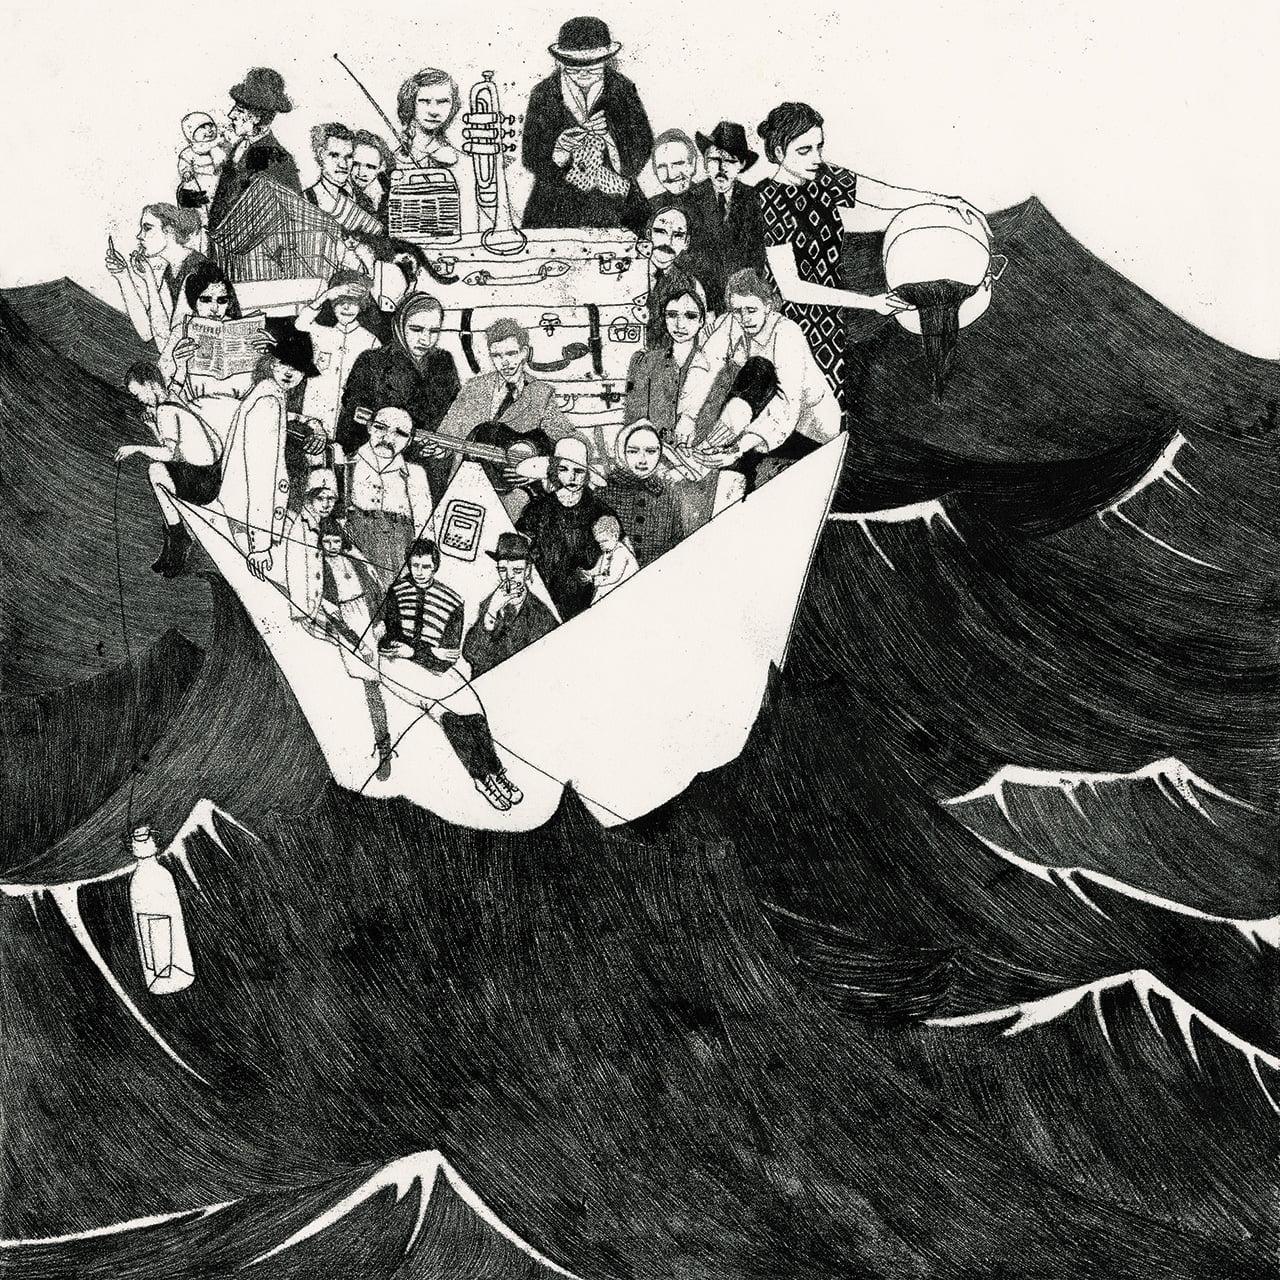 Coûte que coûte - Illustrazione di Sylvie Bello per la mostra SOS (opera vincitrice del Premio della Critica)